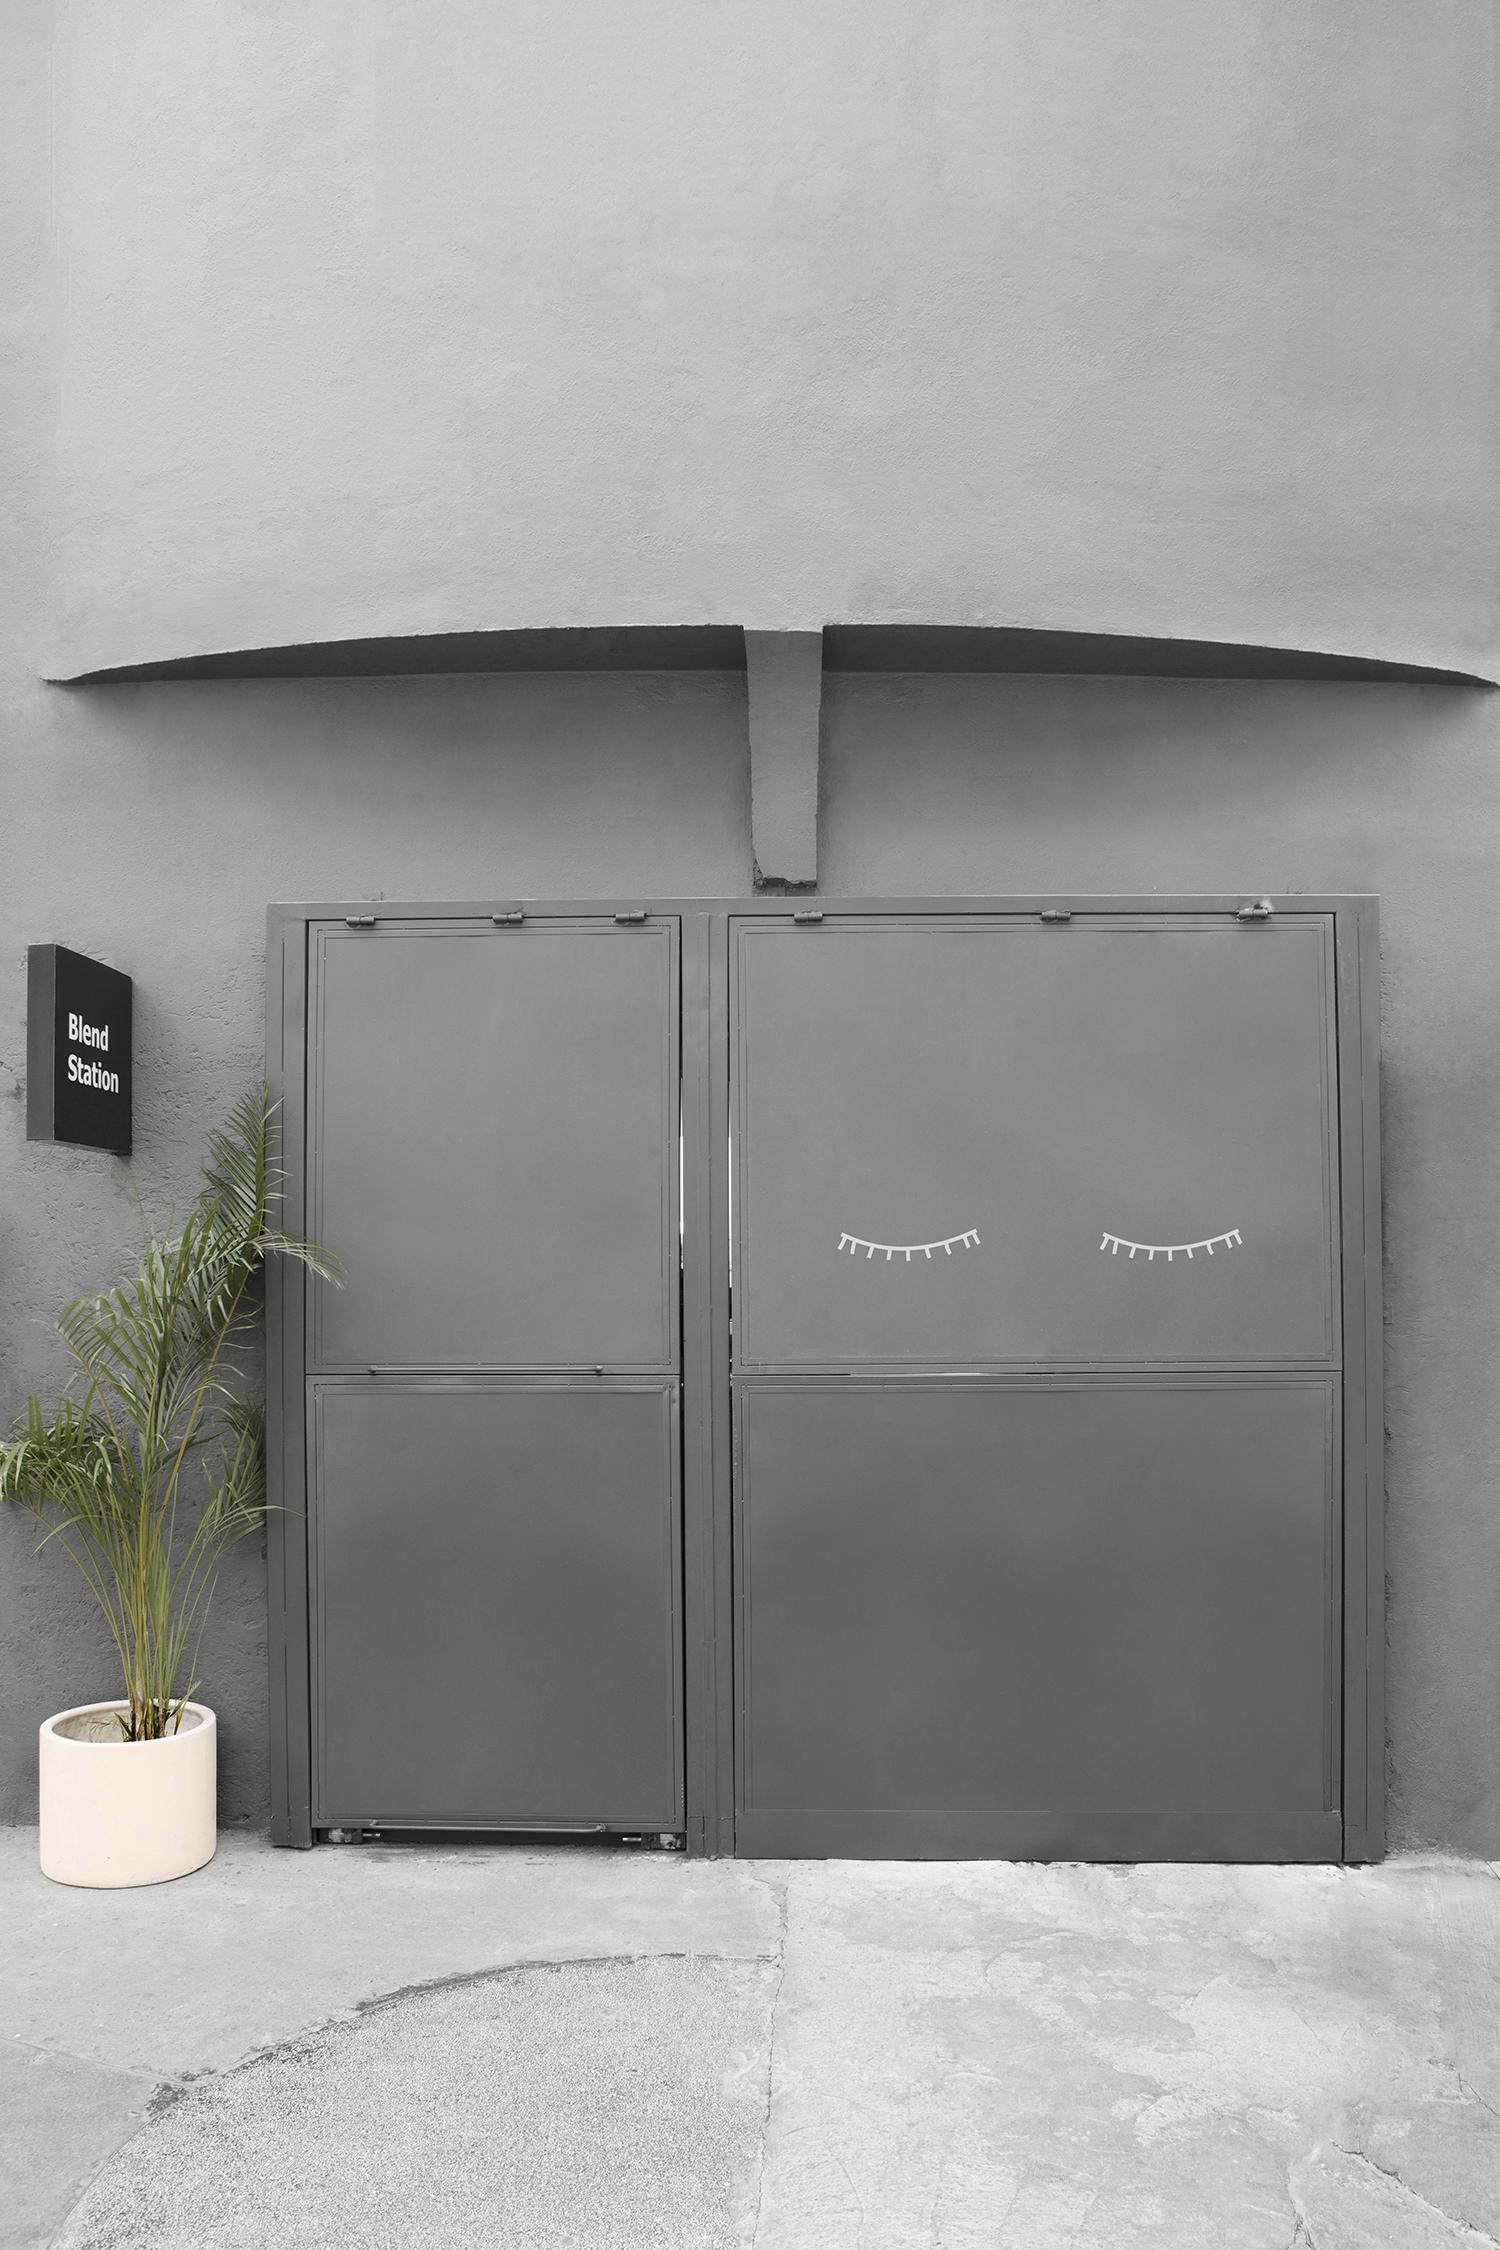 Blend Station entrance exit